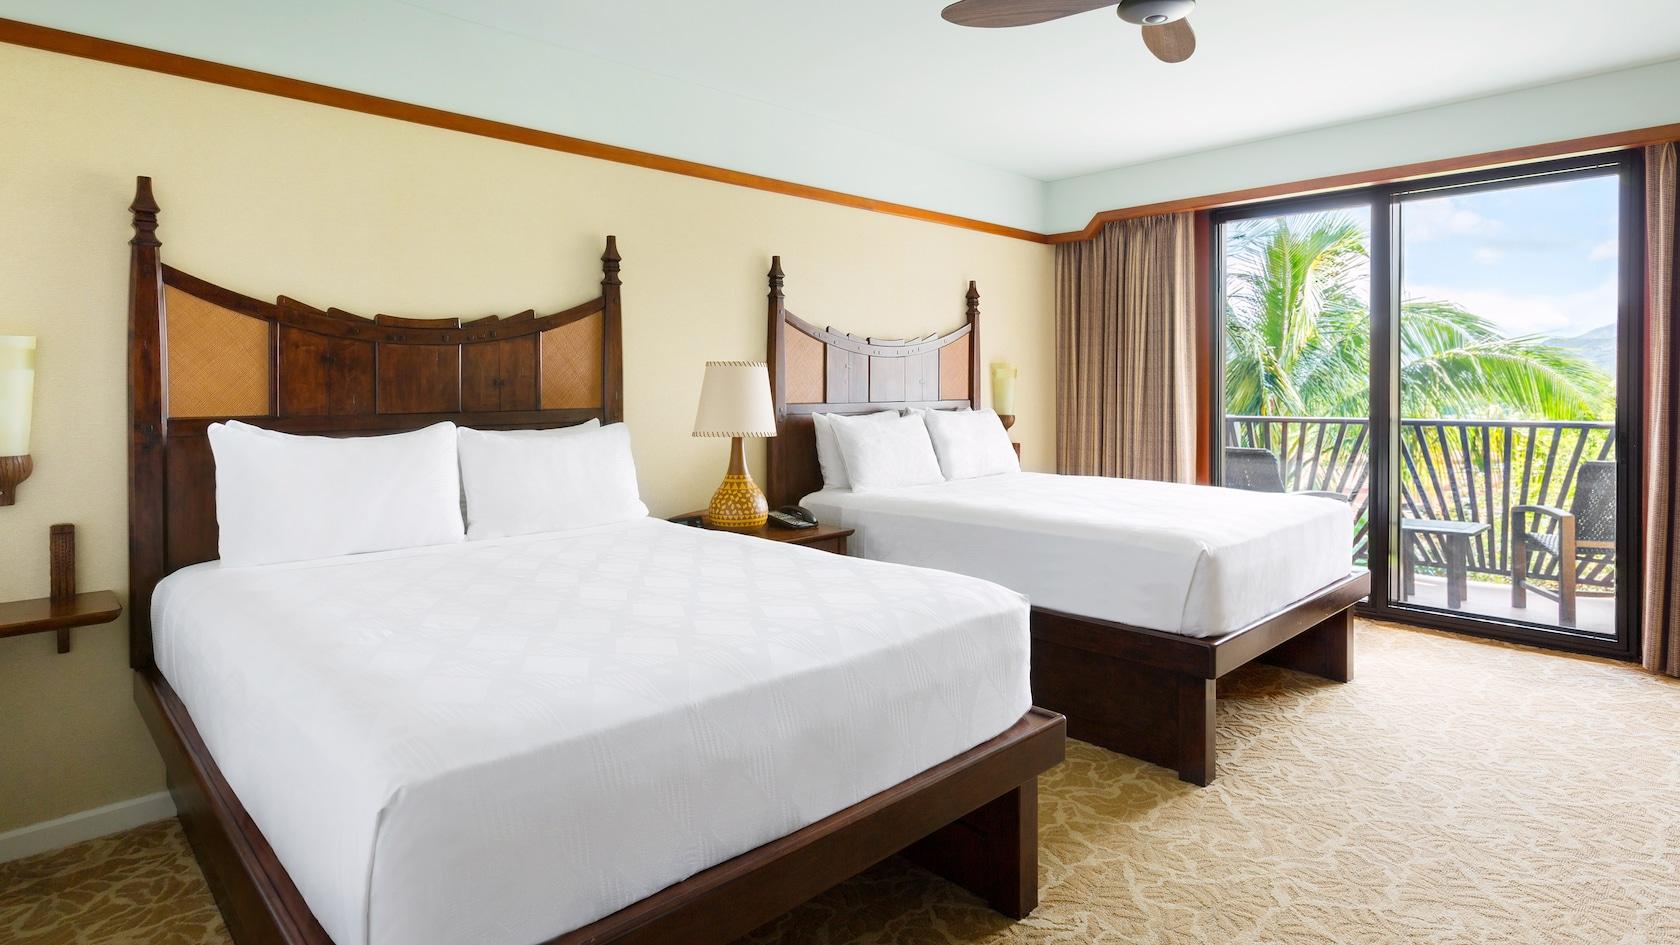 2 台のクイーンサイズのベッドが置かれたアウラニ・リゾートのスタンダードルーム